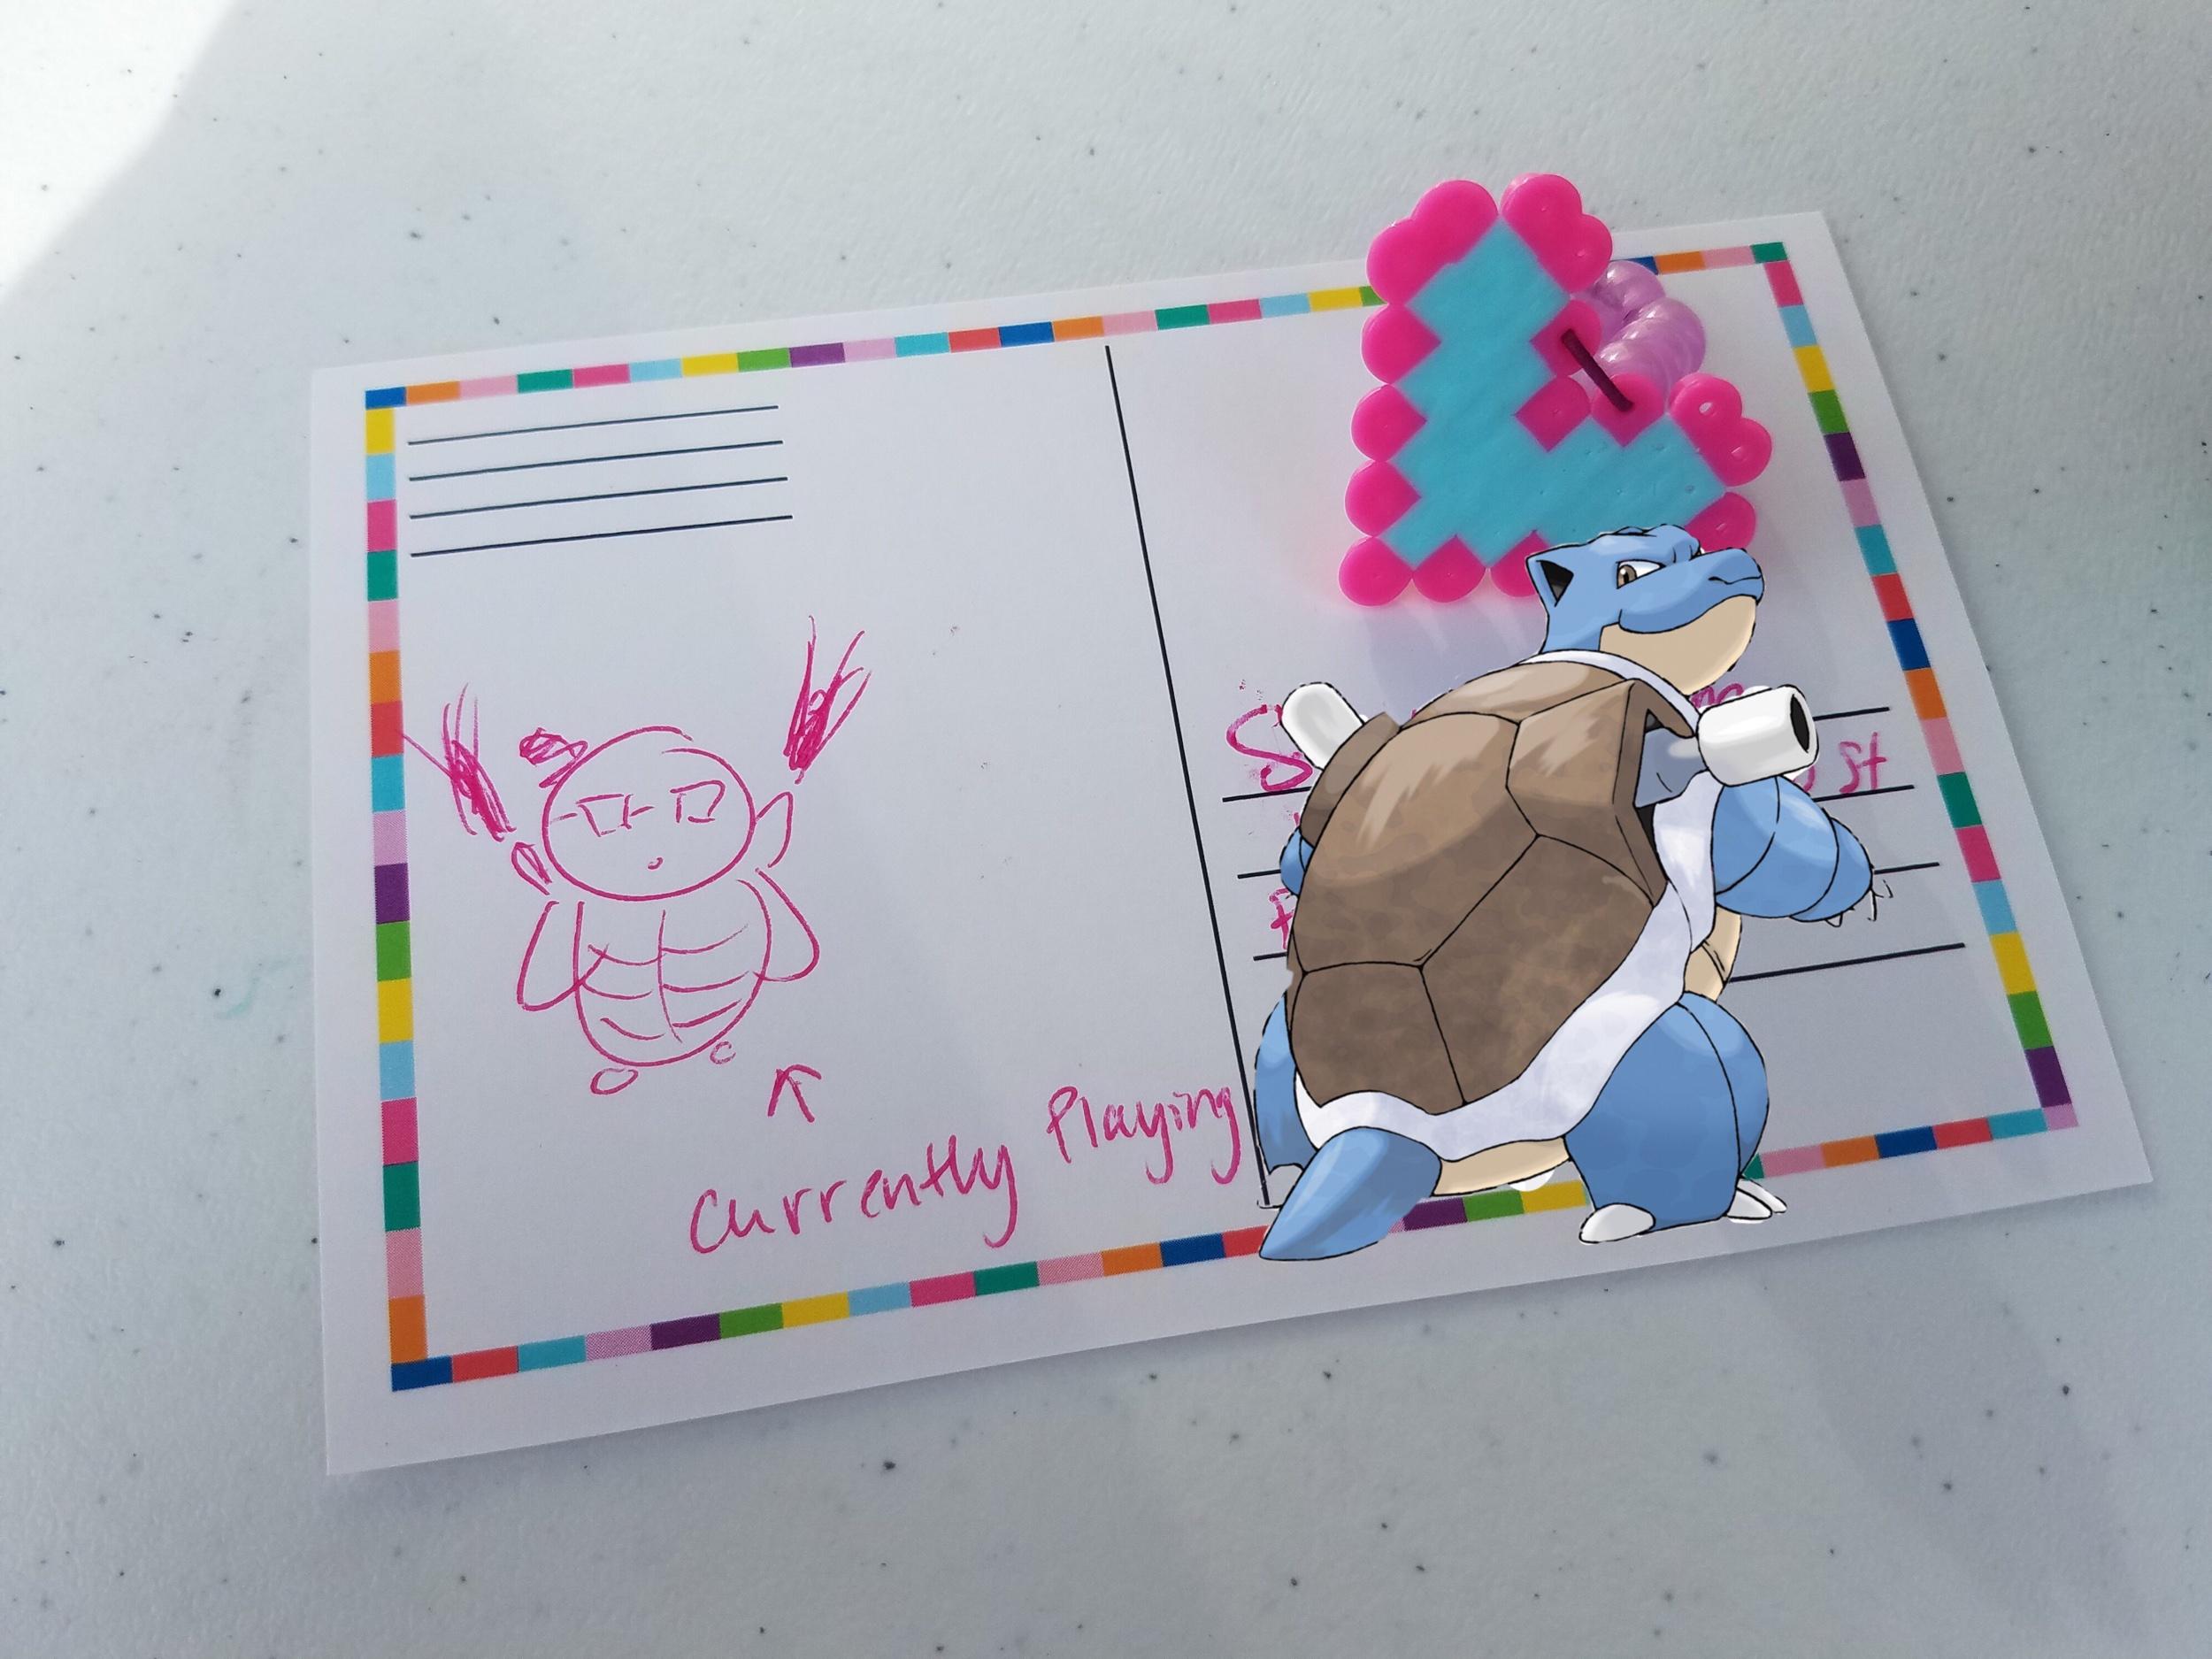 Blastoise postcard